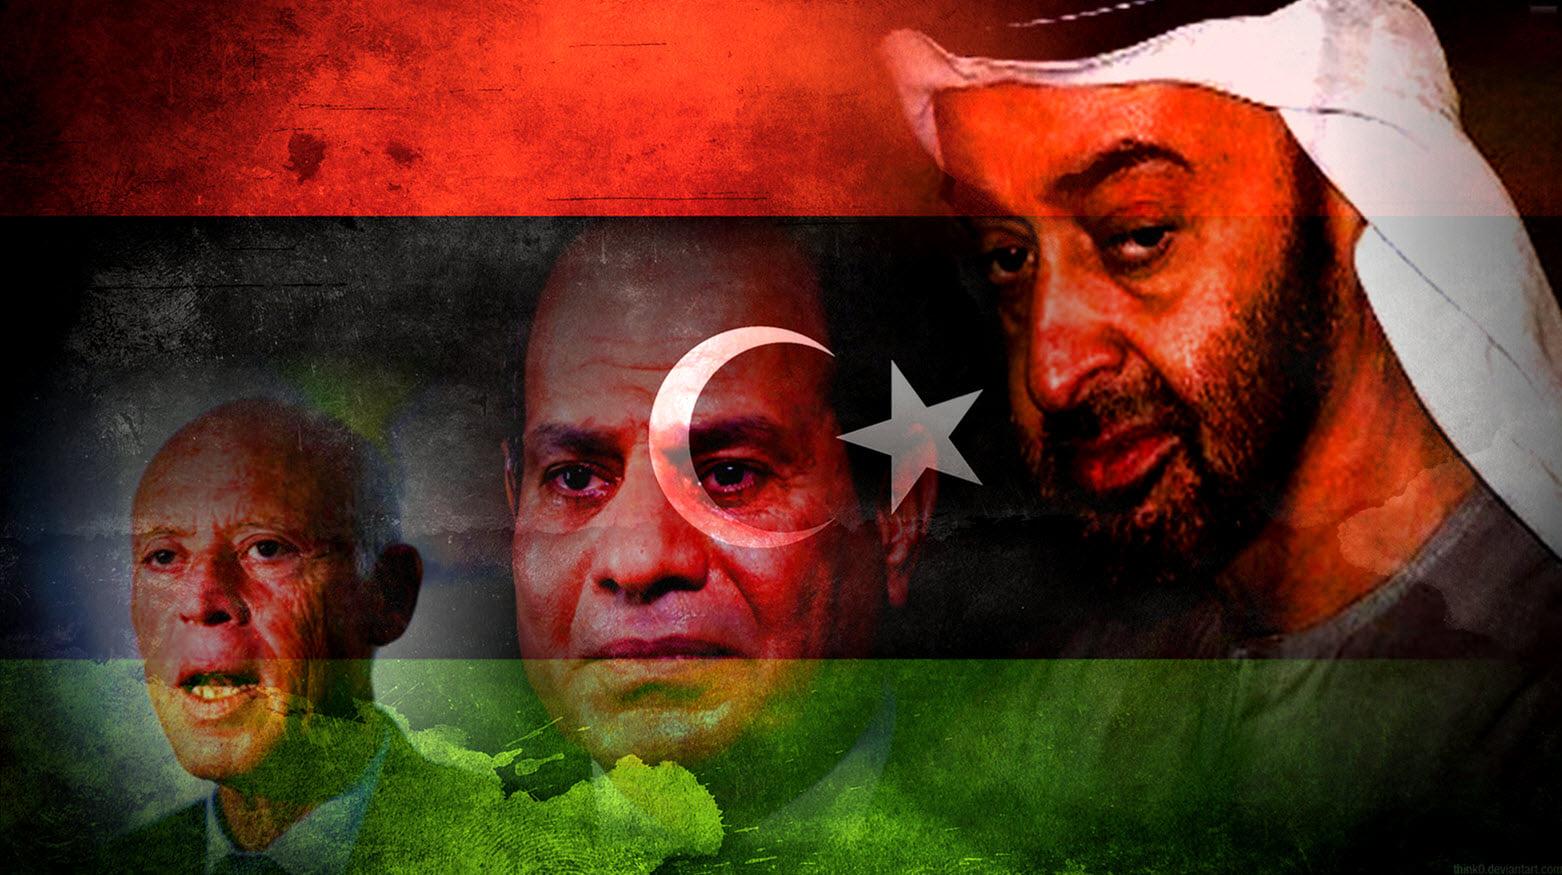 خطّة خبيثة تستهدف التجربة الليبيّة.. السيسي يستعين بسعيّد!